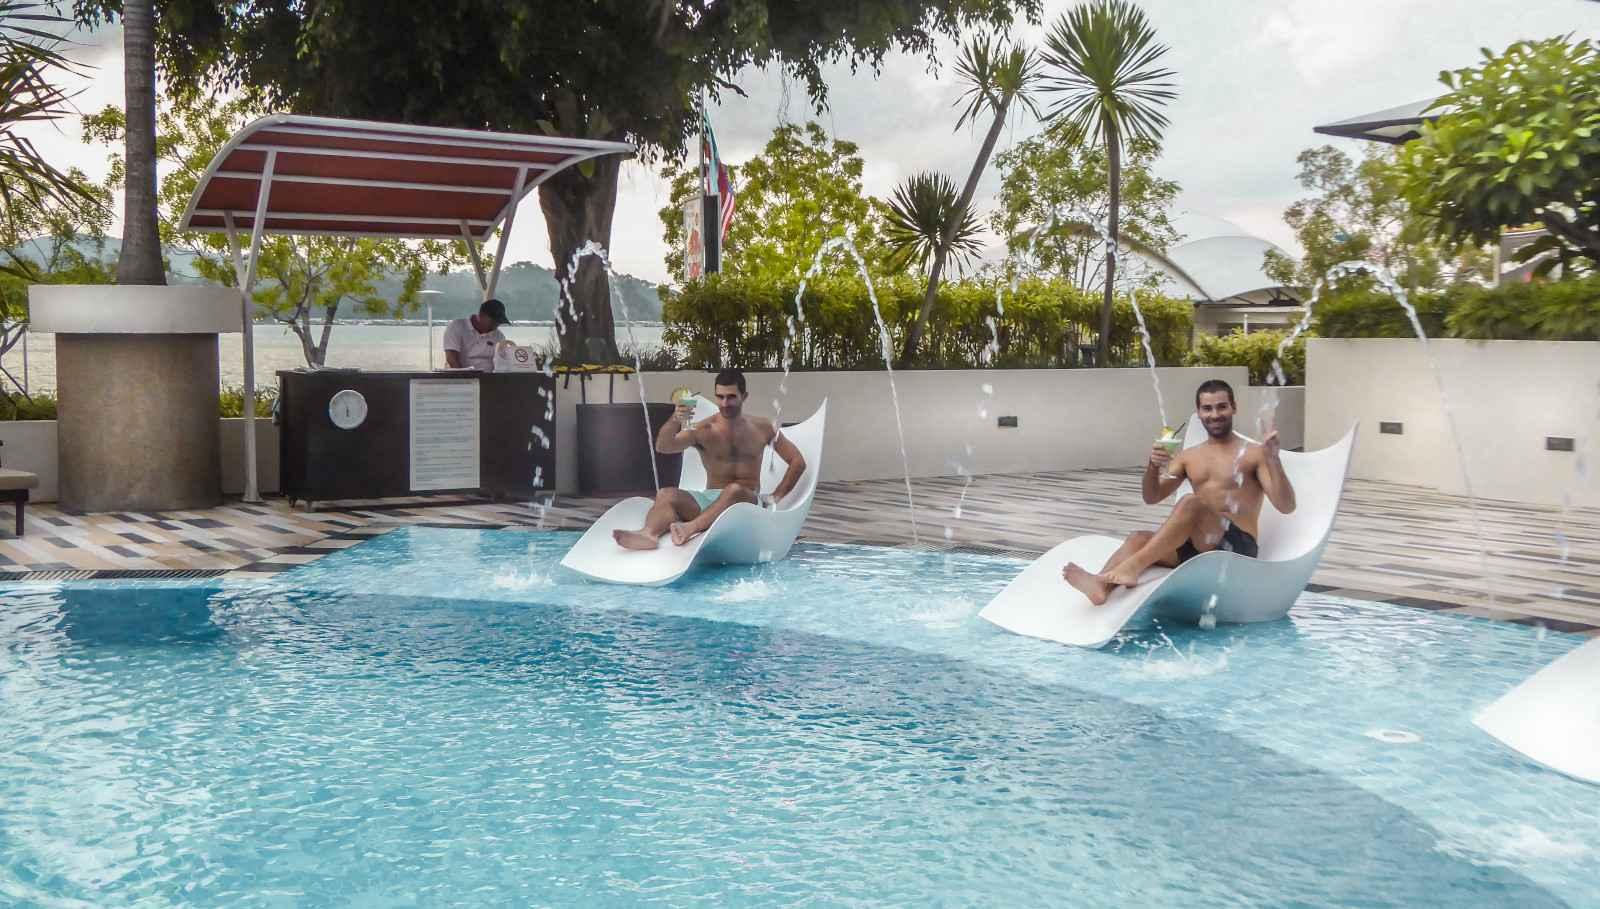 Meninos nômades relaxando à beira da piscina do hotel gay friendly Regency Gyatt em Kota Kinabalu